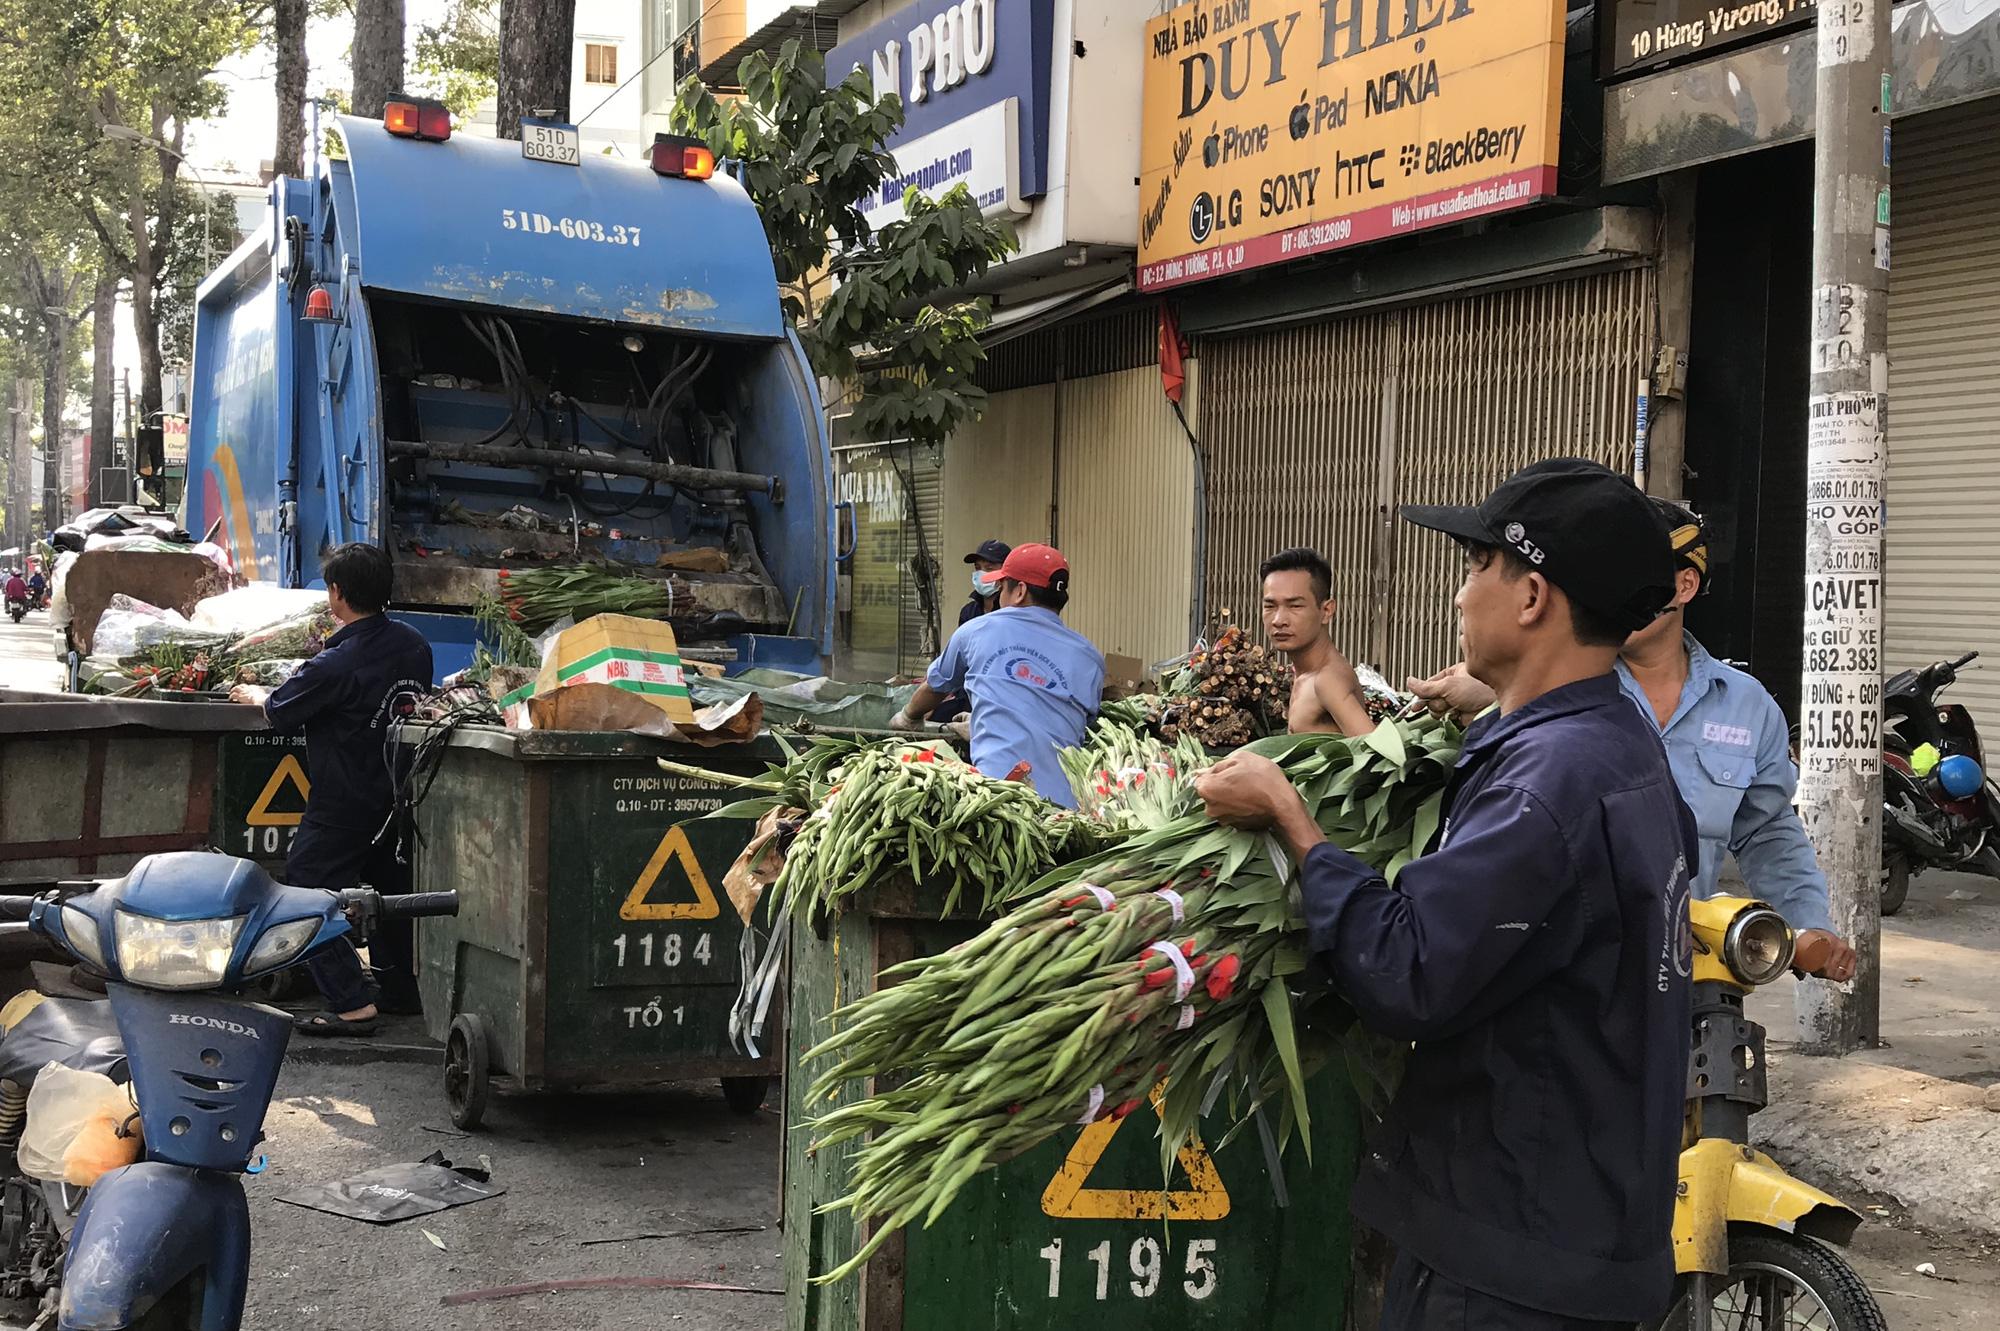 Hoa tươi tại 2 chợ hoa sỉ lớn nhất Sài Gòn chất đống lên xe rác trưa 30 Tết - Ảnh 6.